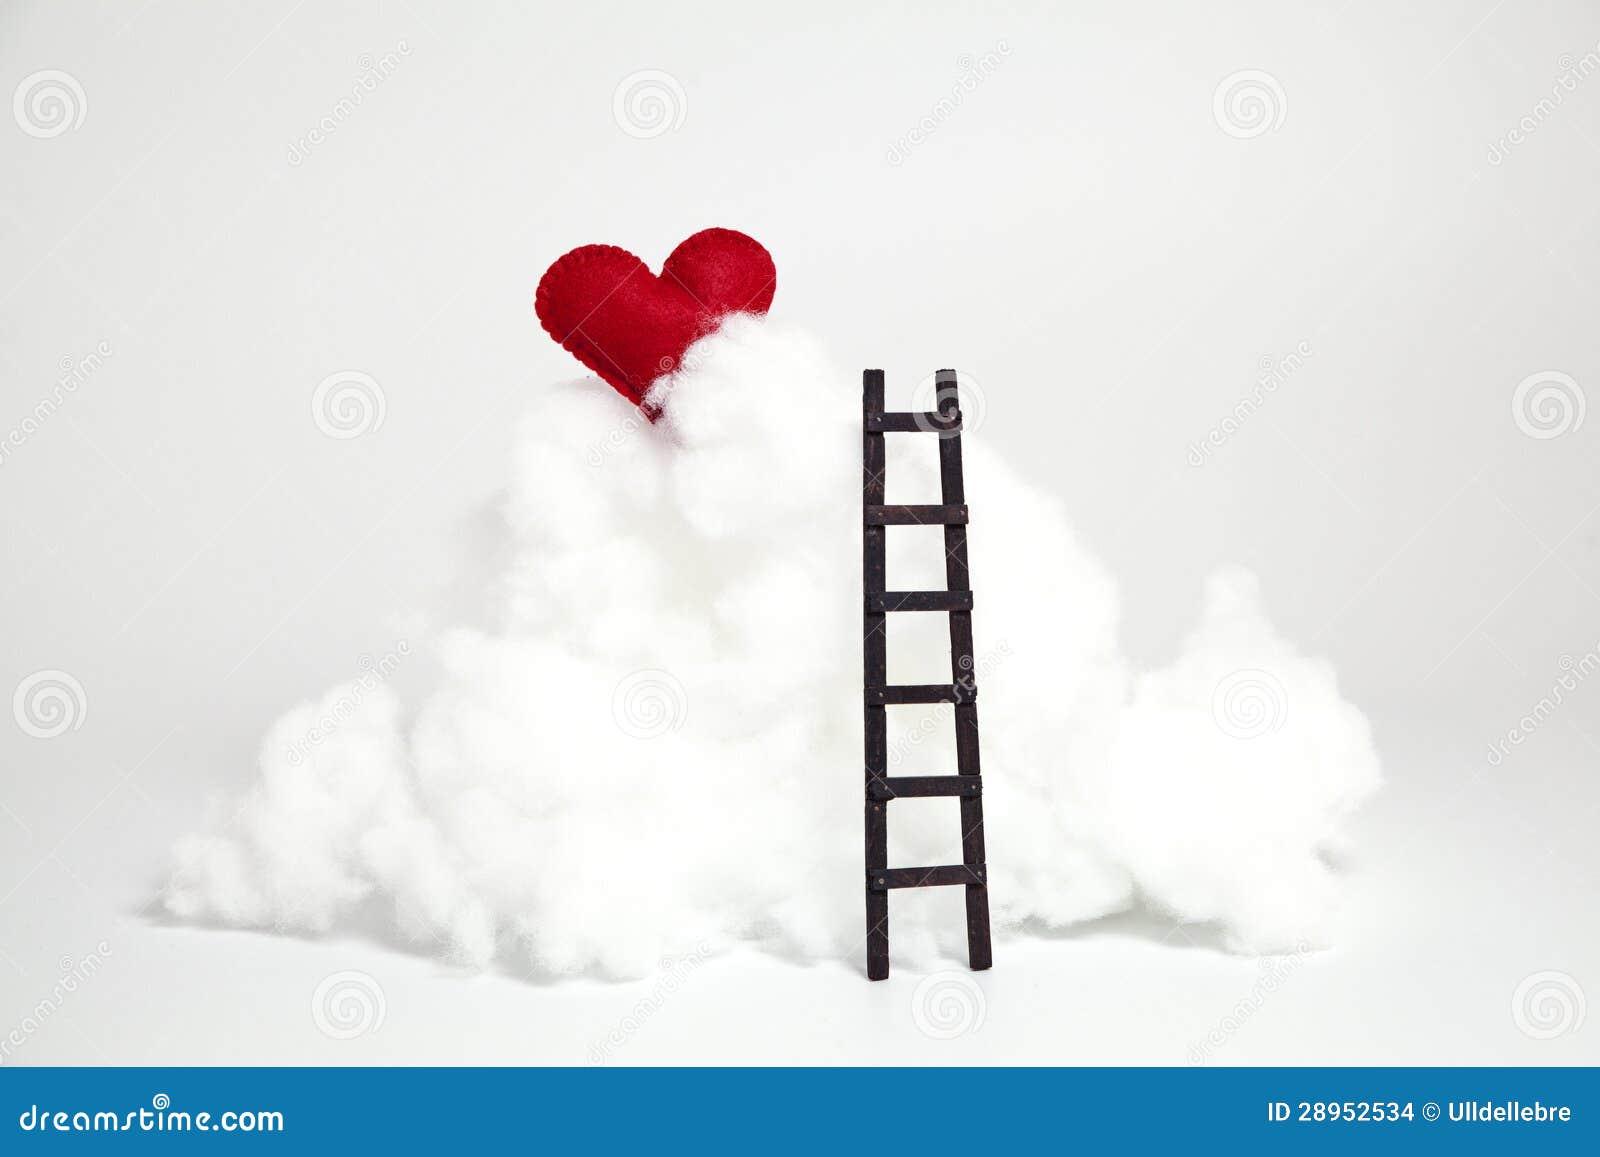 http://thumbs.dreamstime.com/z/il-n-est-pas-aussi-difficile-d-atteindre-mon-coeur-28952534.jpg